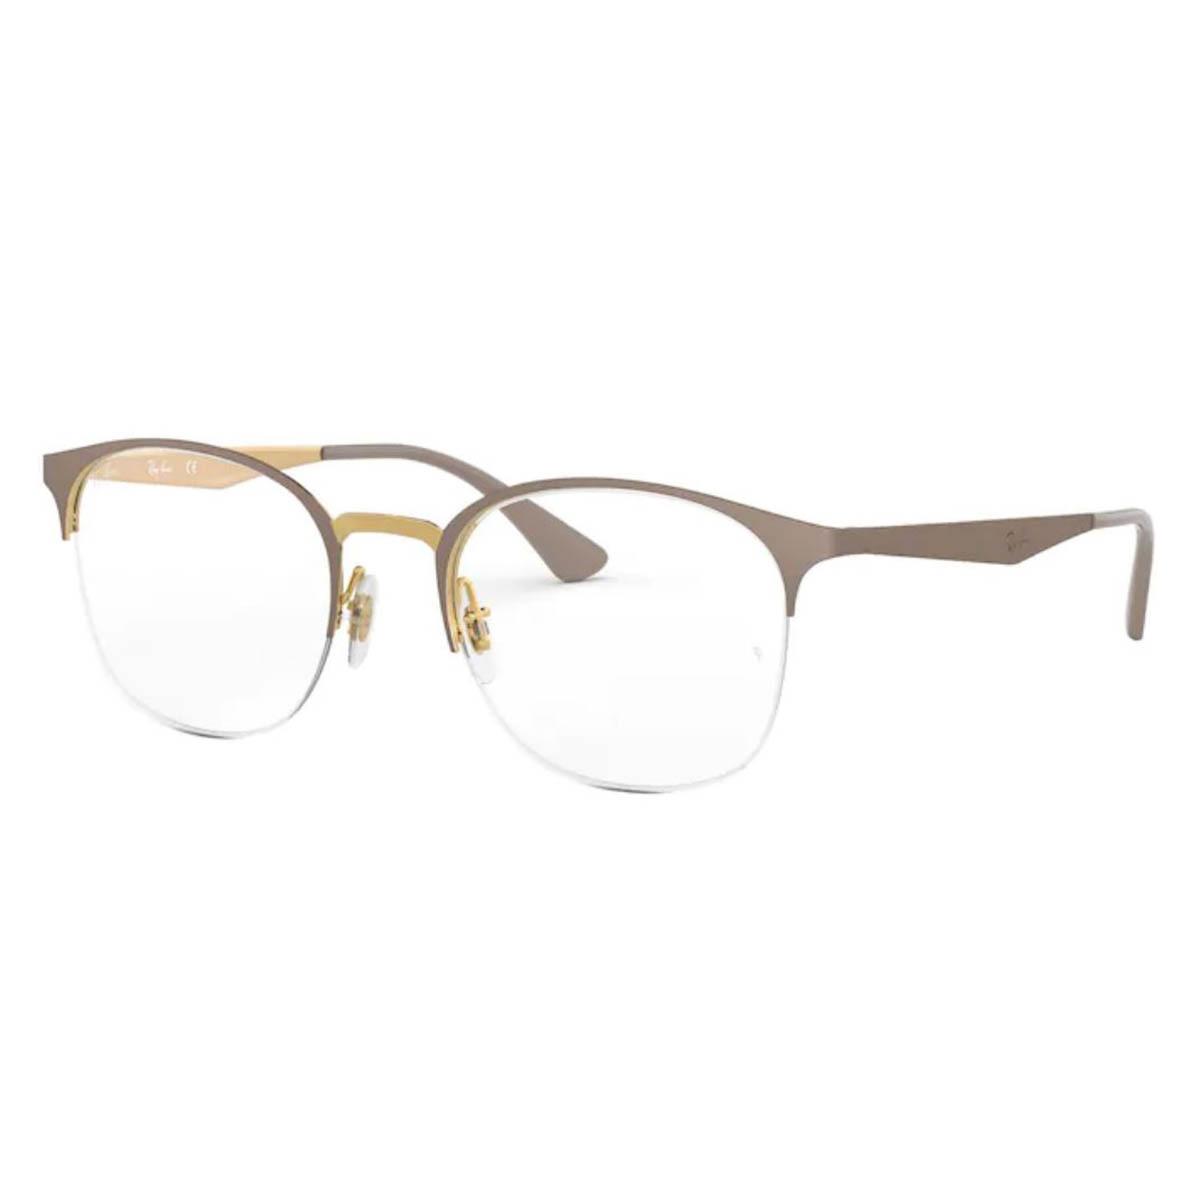 Óculos de Grau Feminino Ray Ban RX6422 Metal Bege Fosco e Dourado